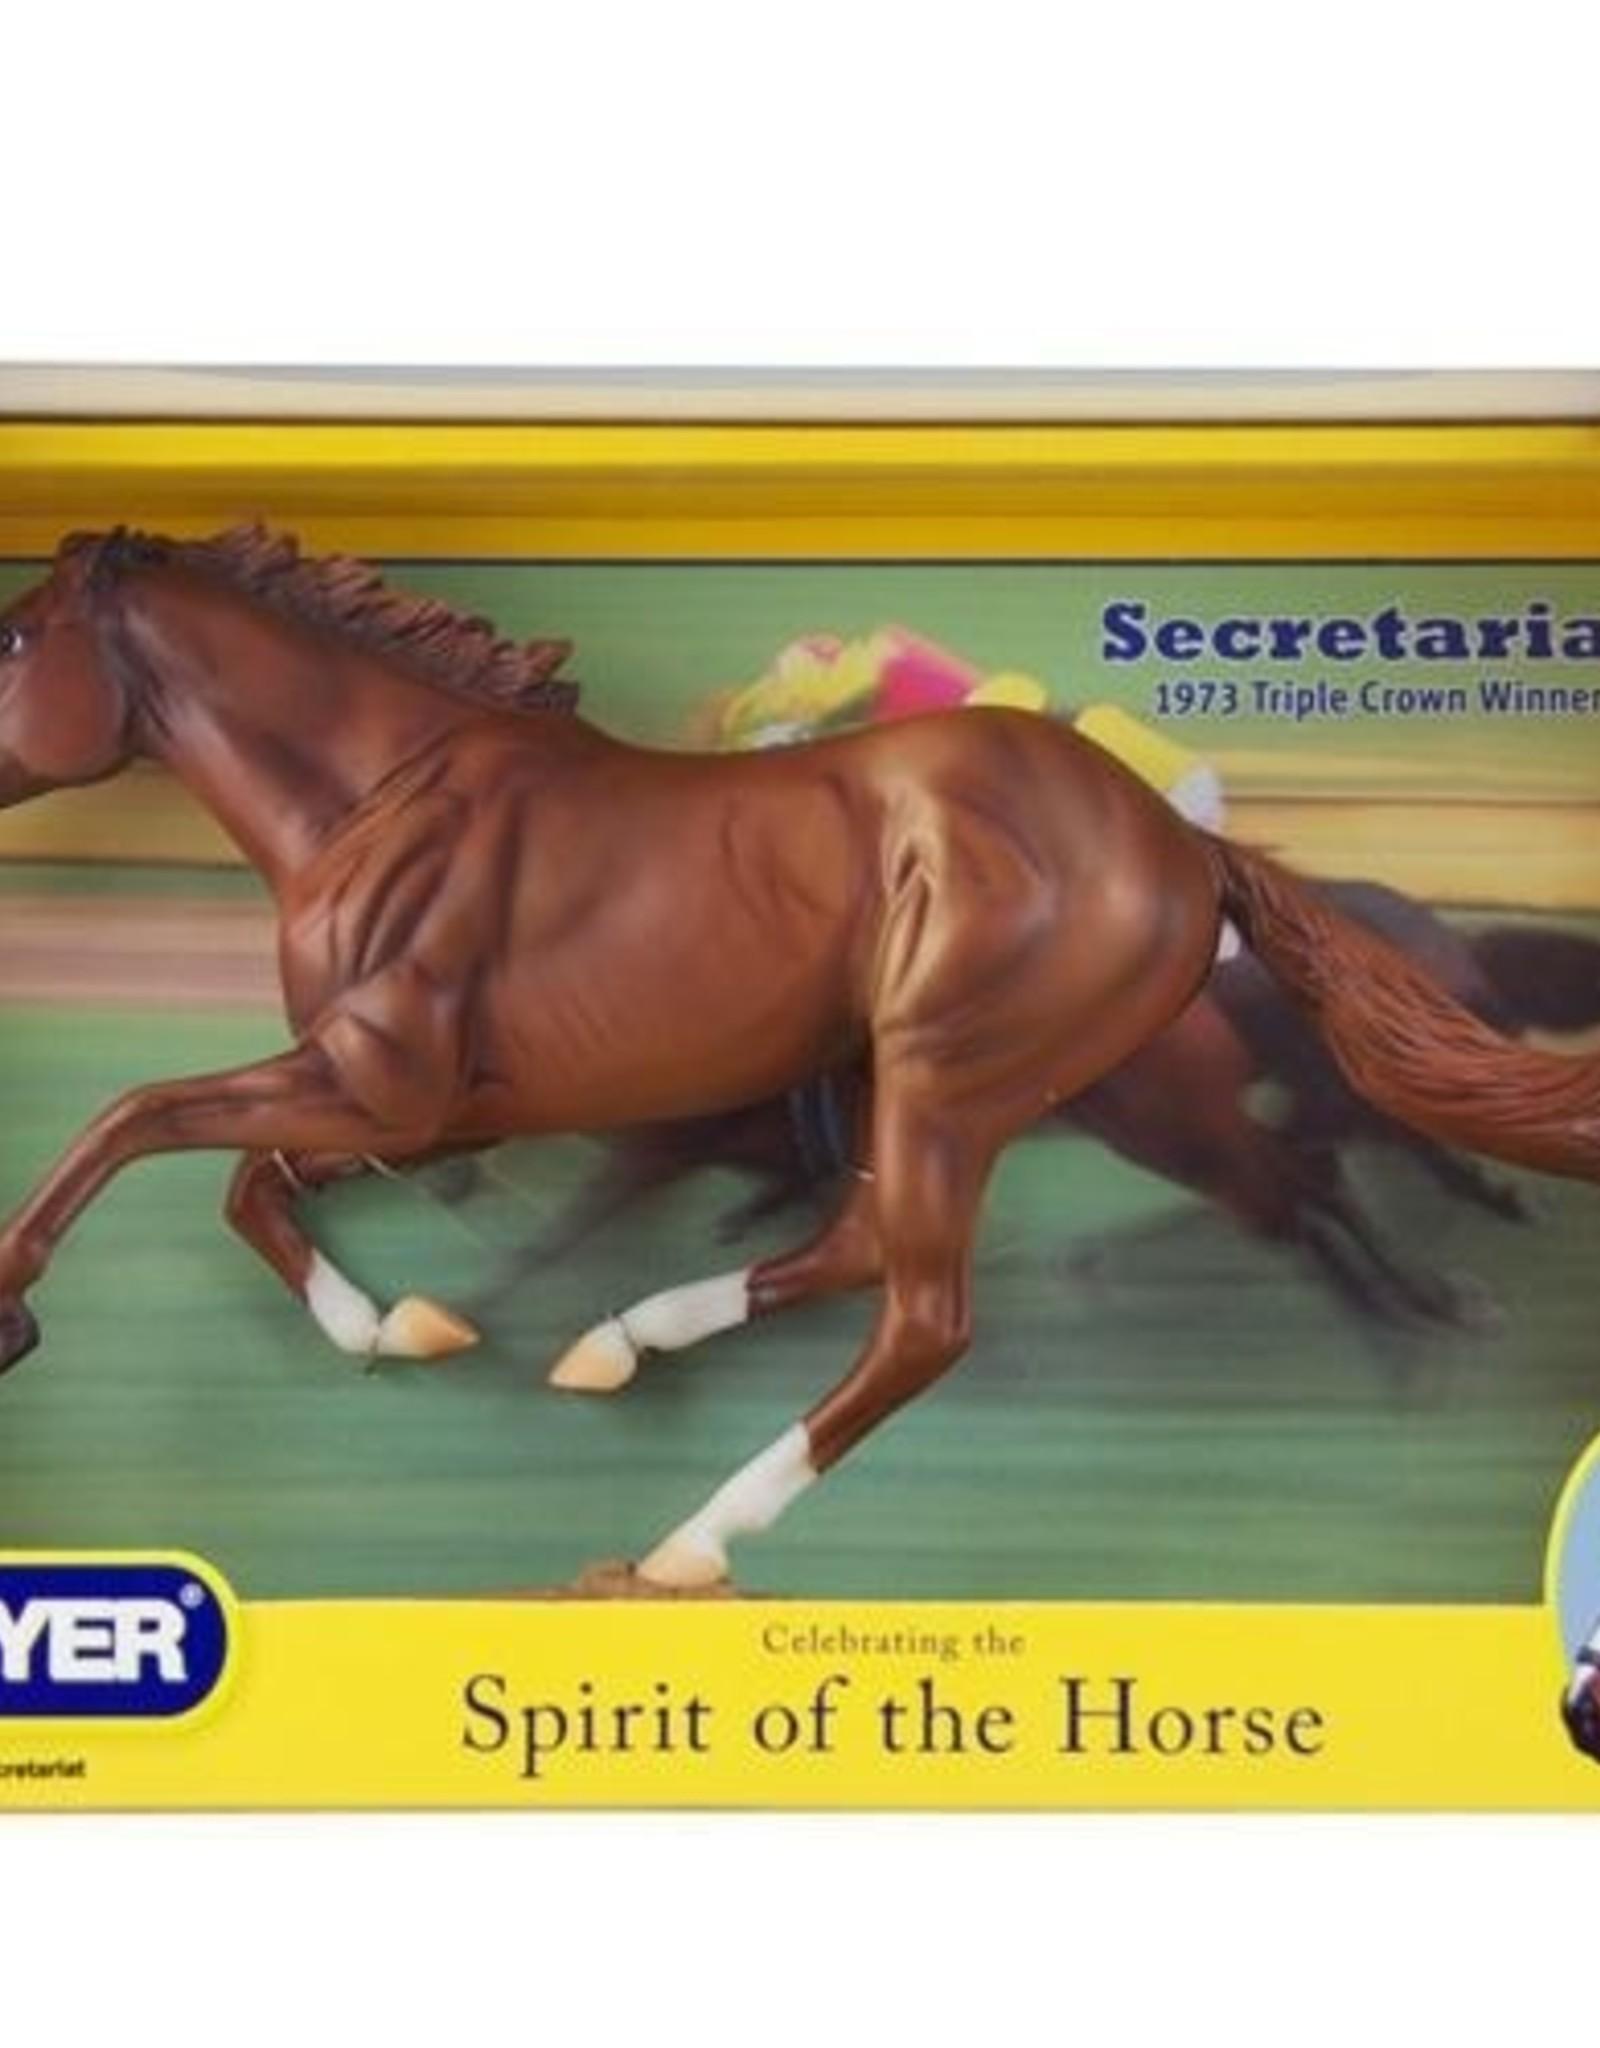 Secretariat Triple Crown Winner 1973